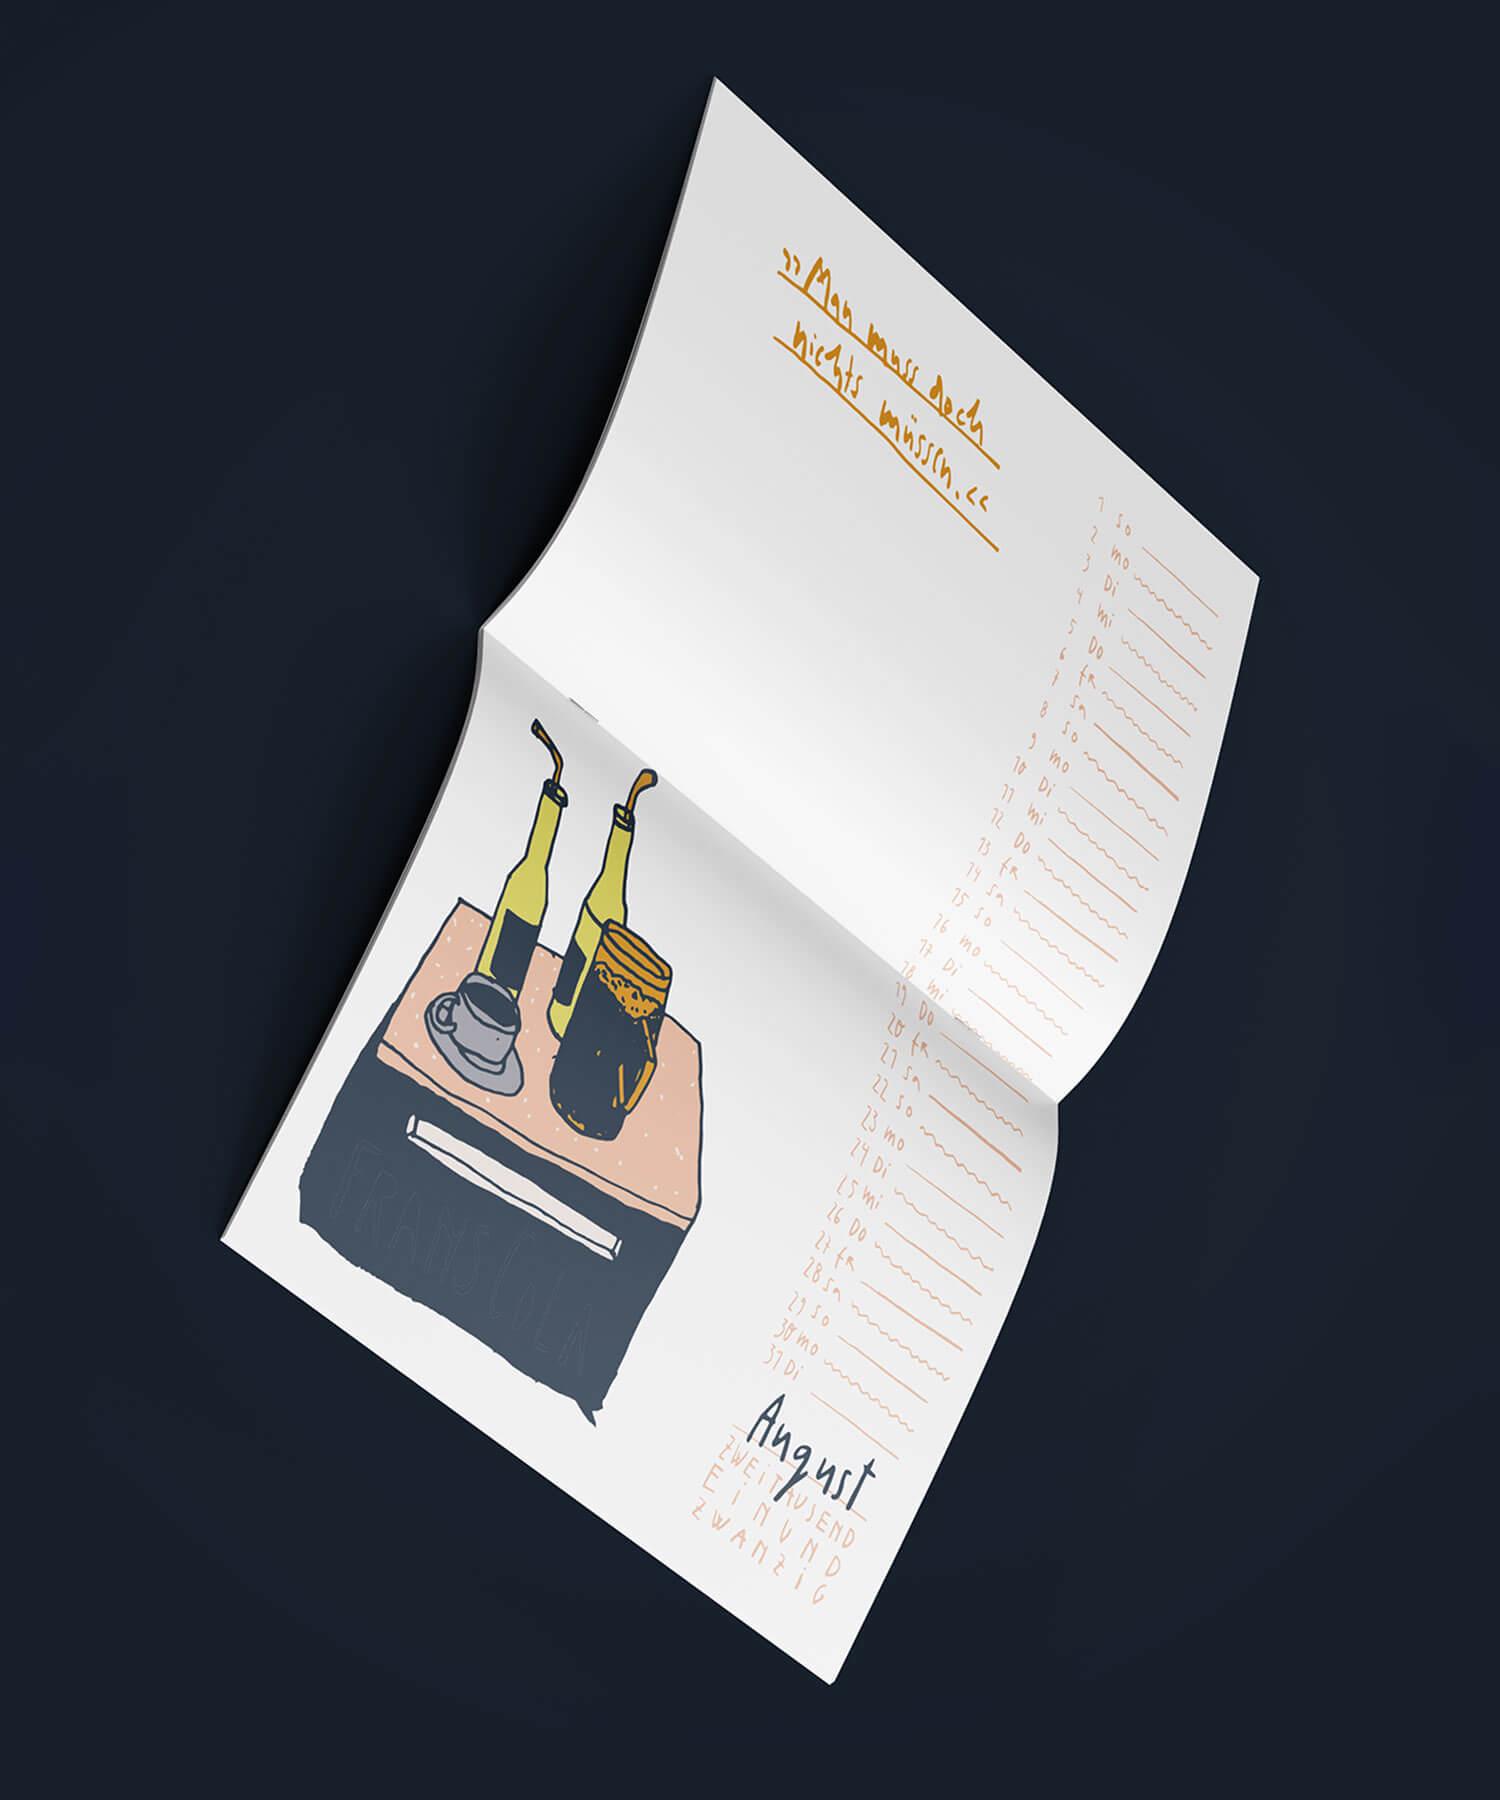 Matrosenhunde Illustration zeichnung Kalender 2021 Papierkalender Kunstkalender Illustrationskalender